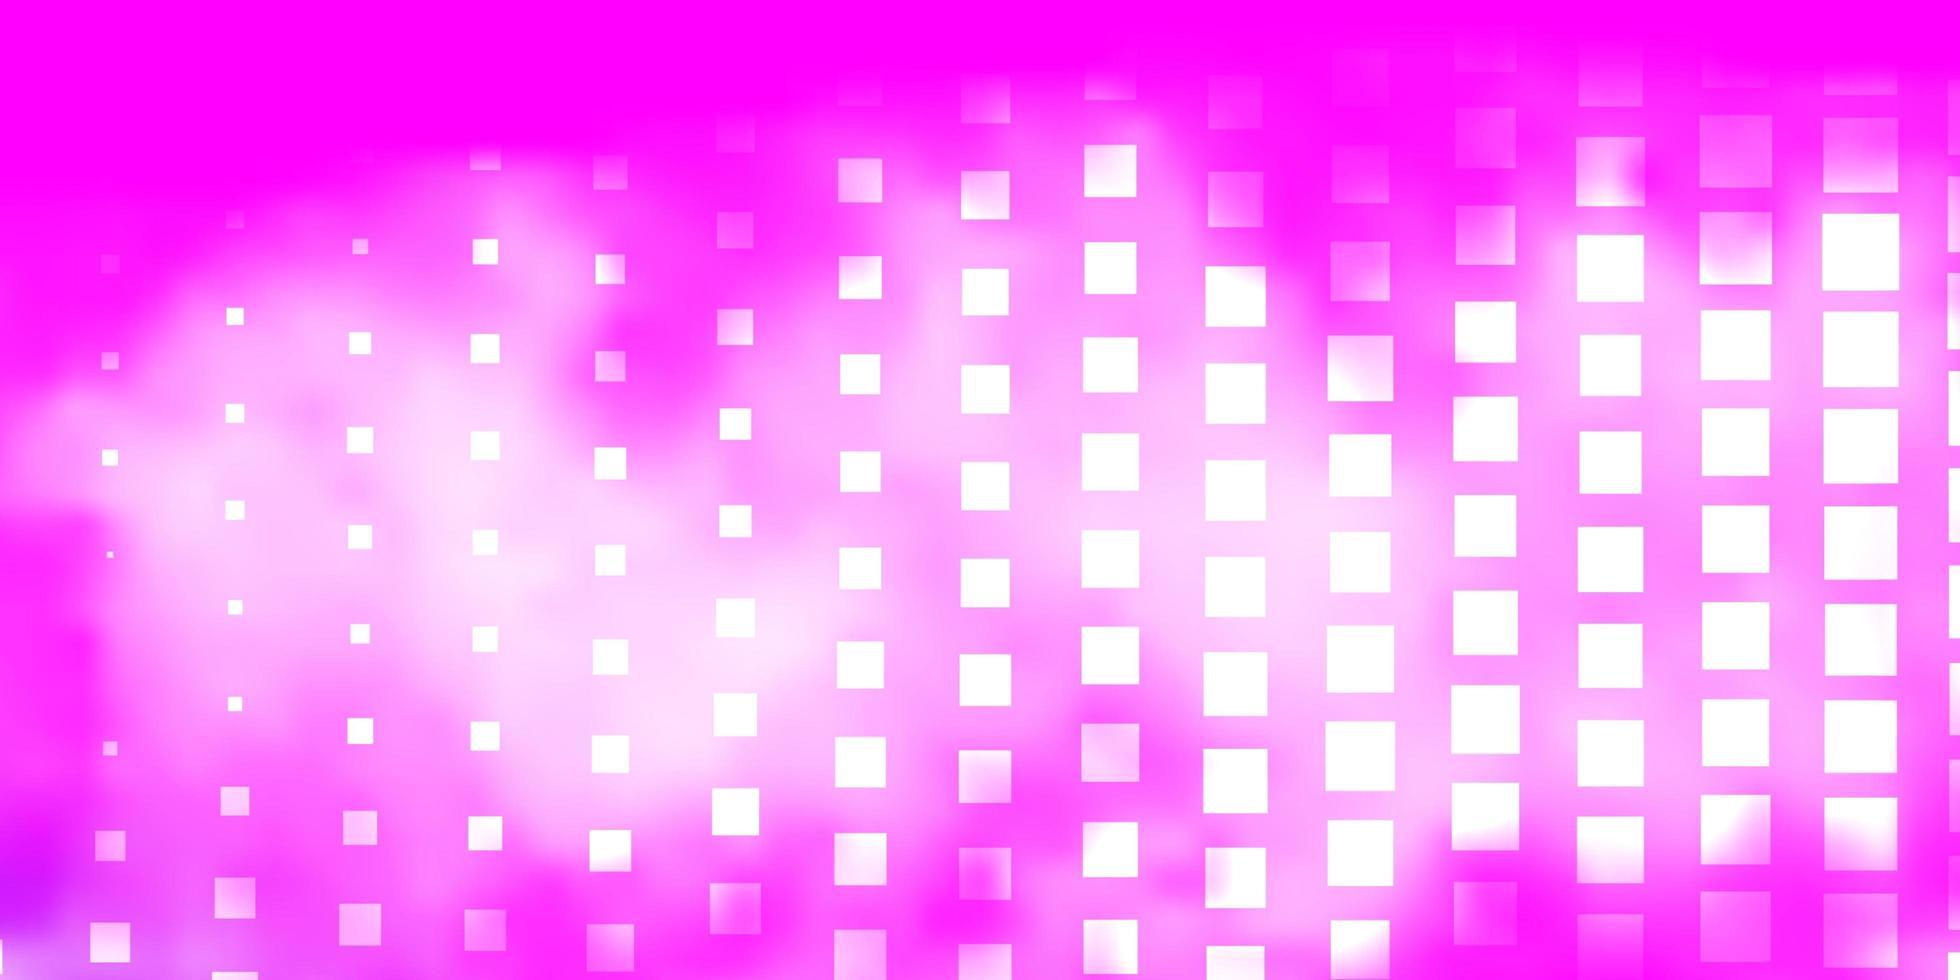 ljusrosa vektor bakgrund med rektanglar.